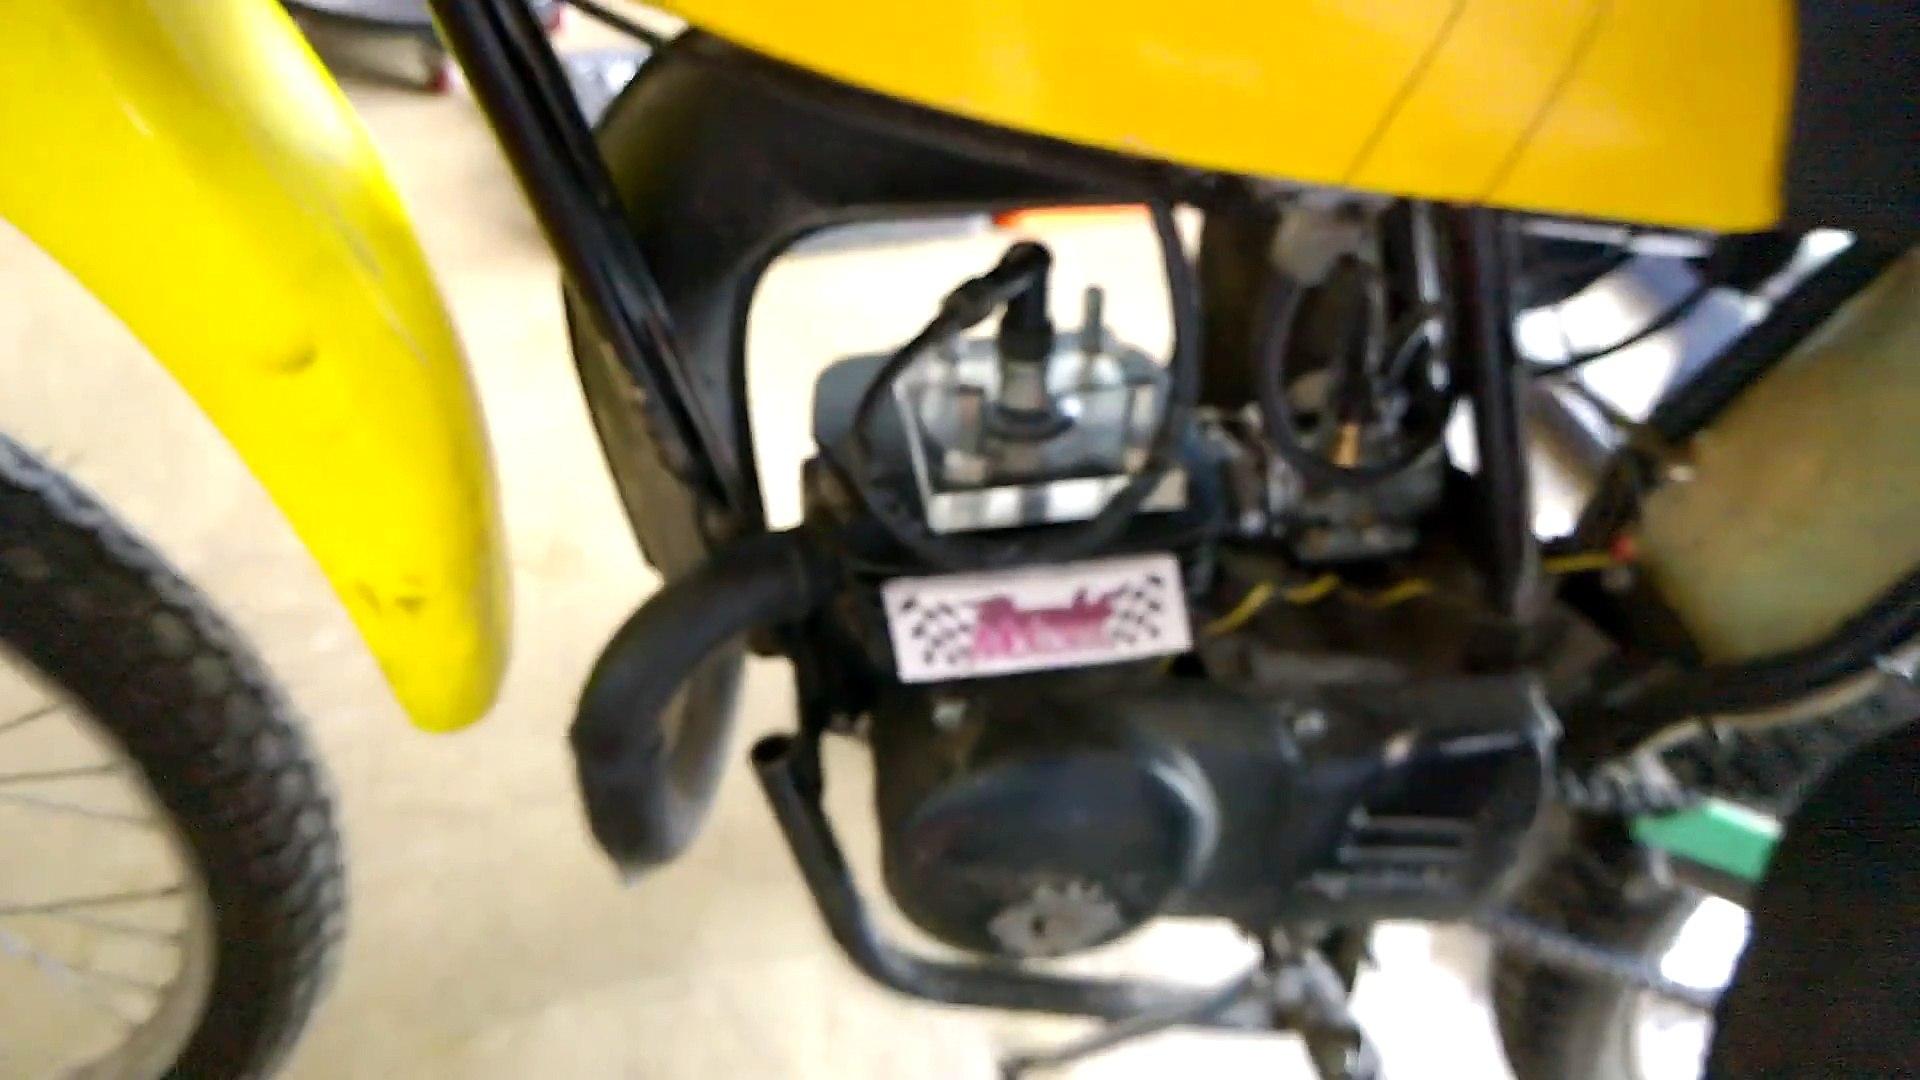 Le cylindre de son moteur de moto en verre transparent laisse voir les explosions du moteur